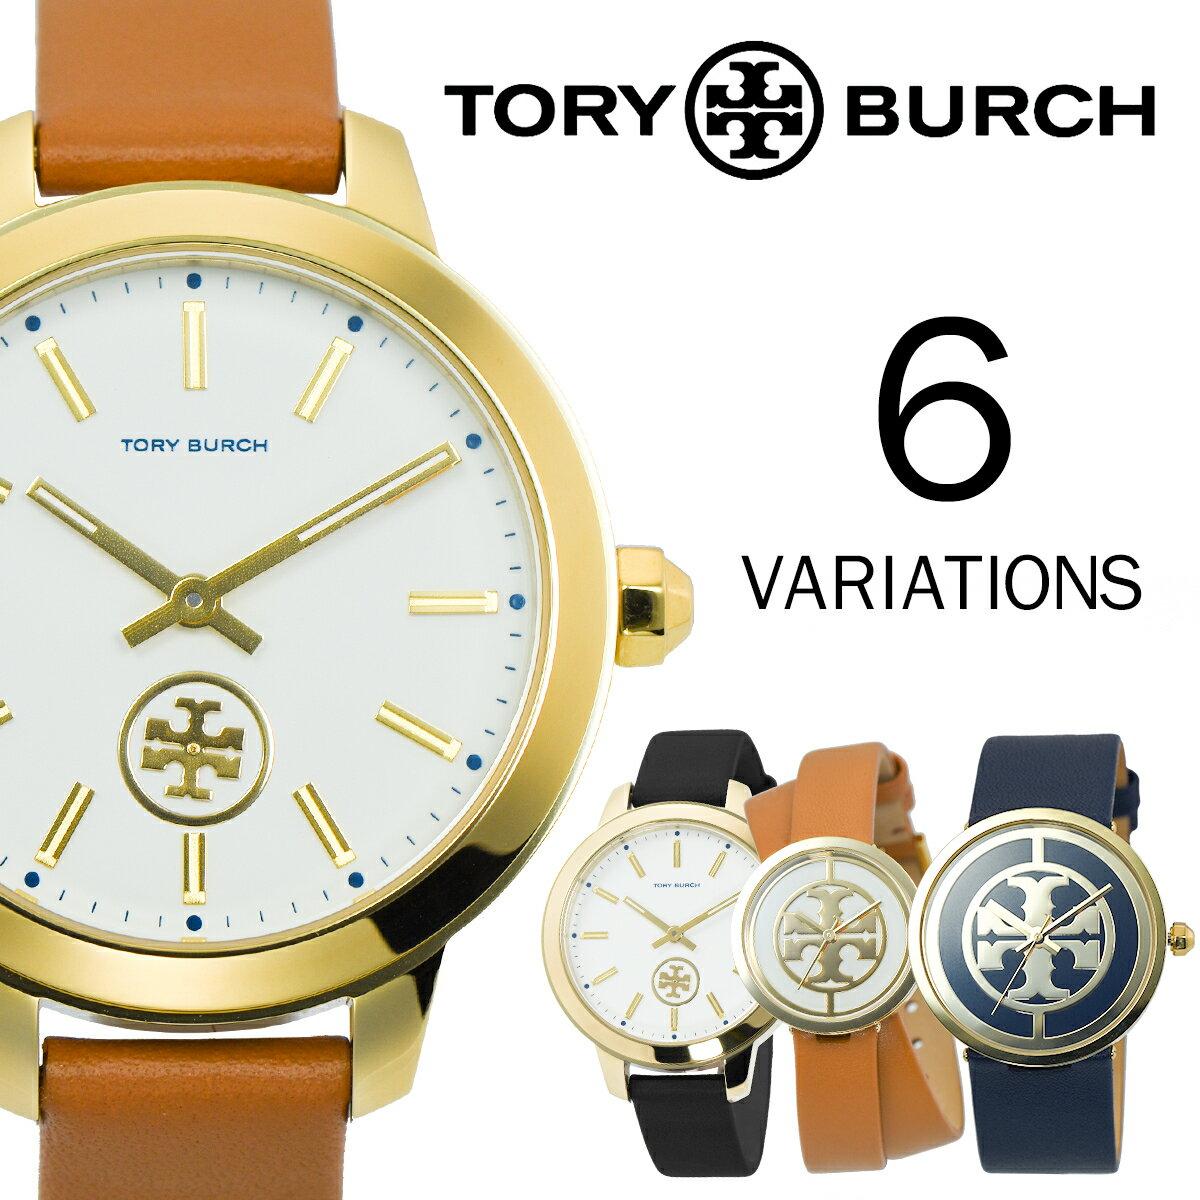 TORY BURCH トリーバーチ Collins Reva レディース 女性 時計 腕時計 プレゼント おしゃれ ギフト 贈り物